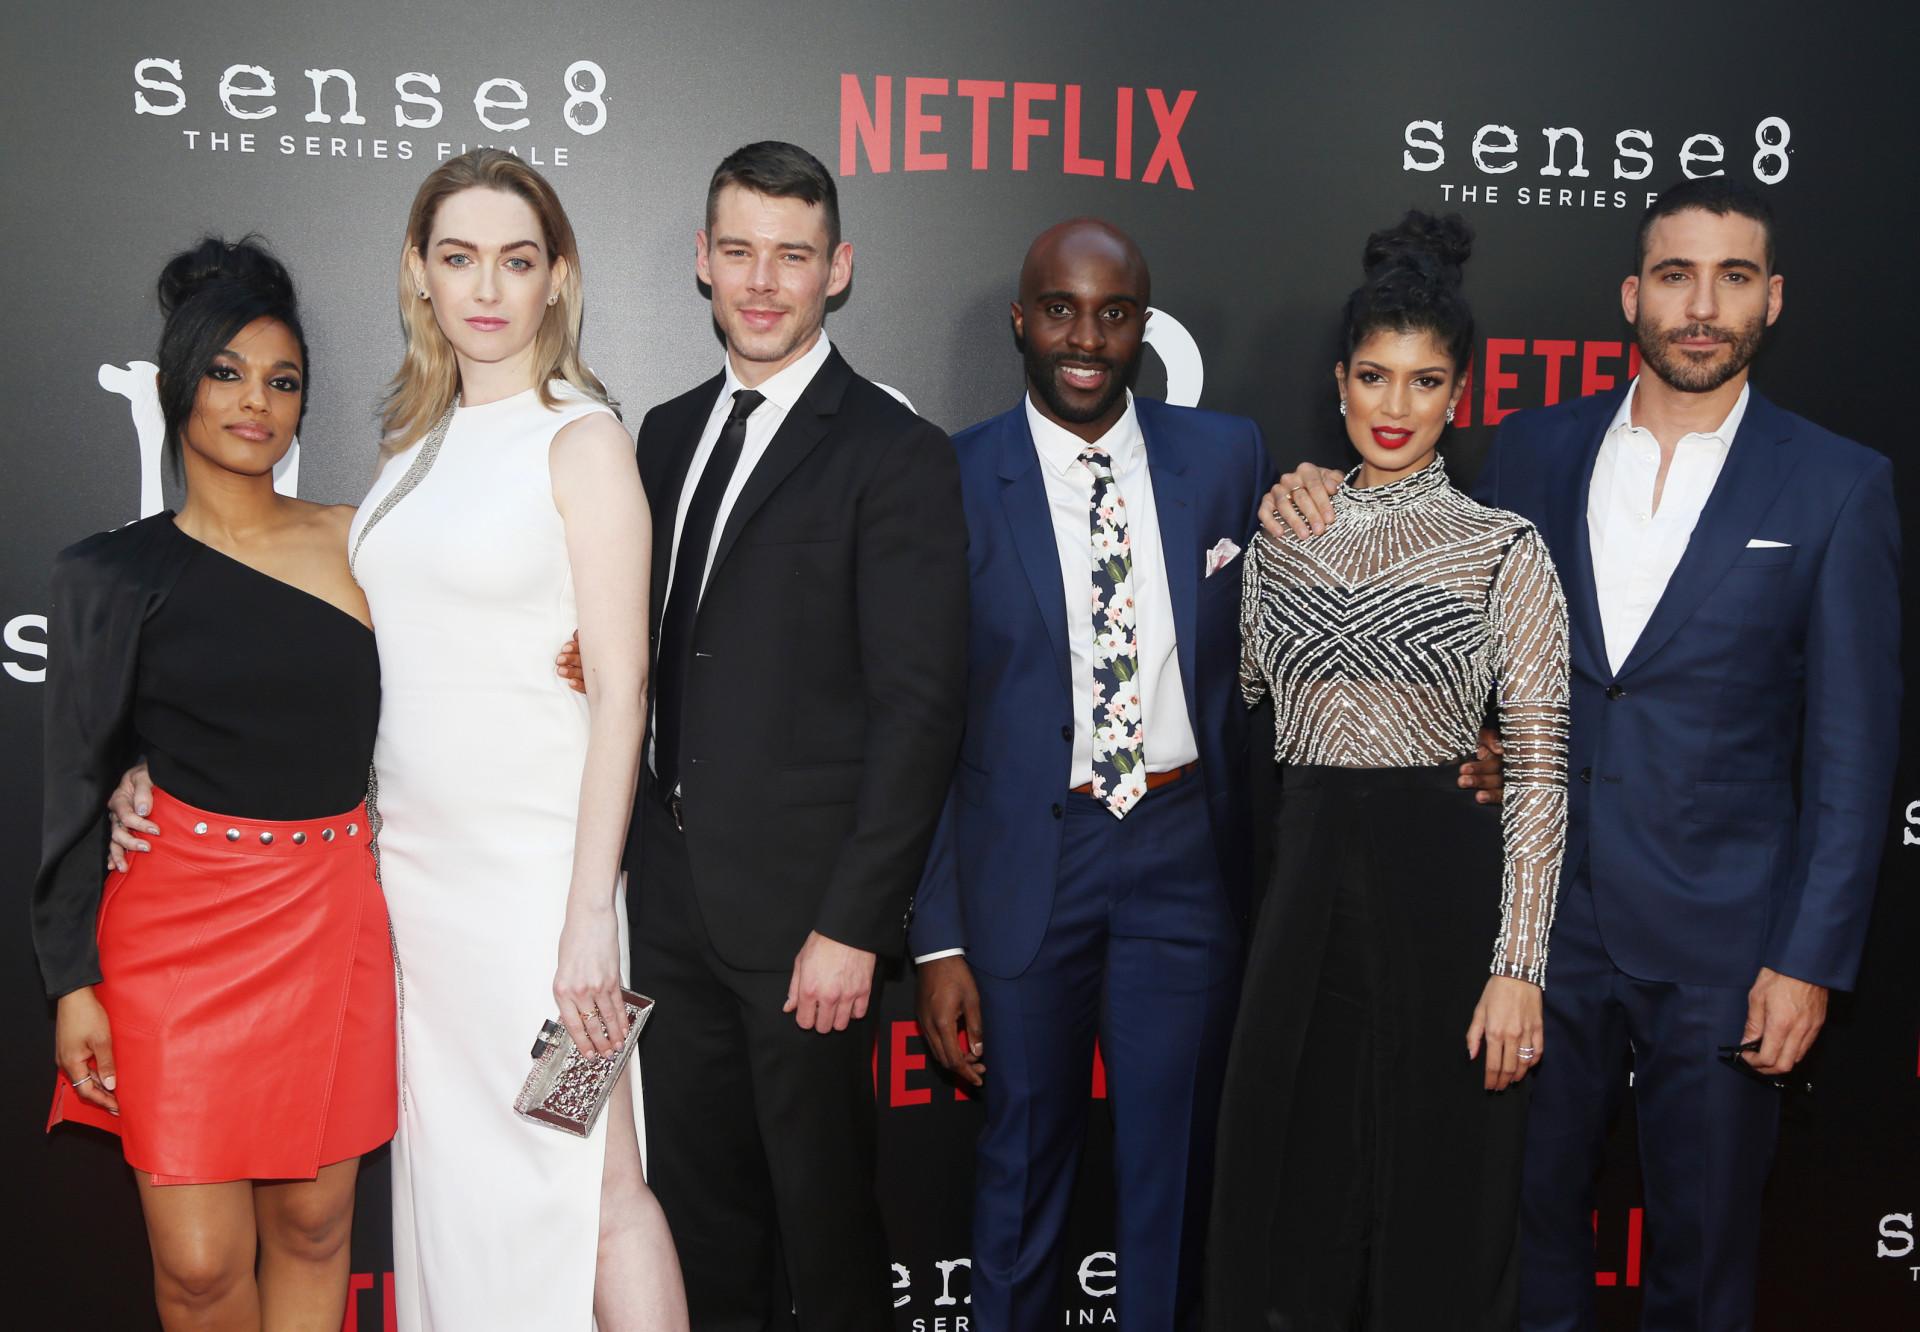 Netflix: 30 séries originais com personagens LGBT